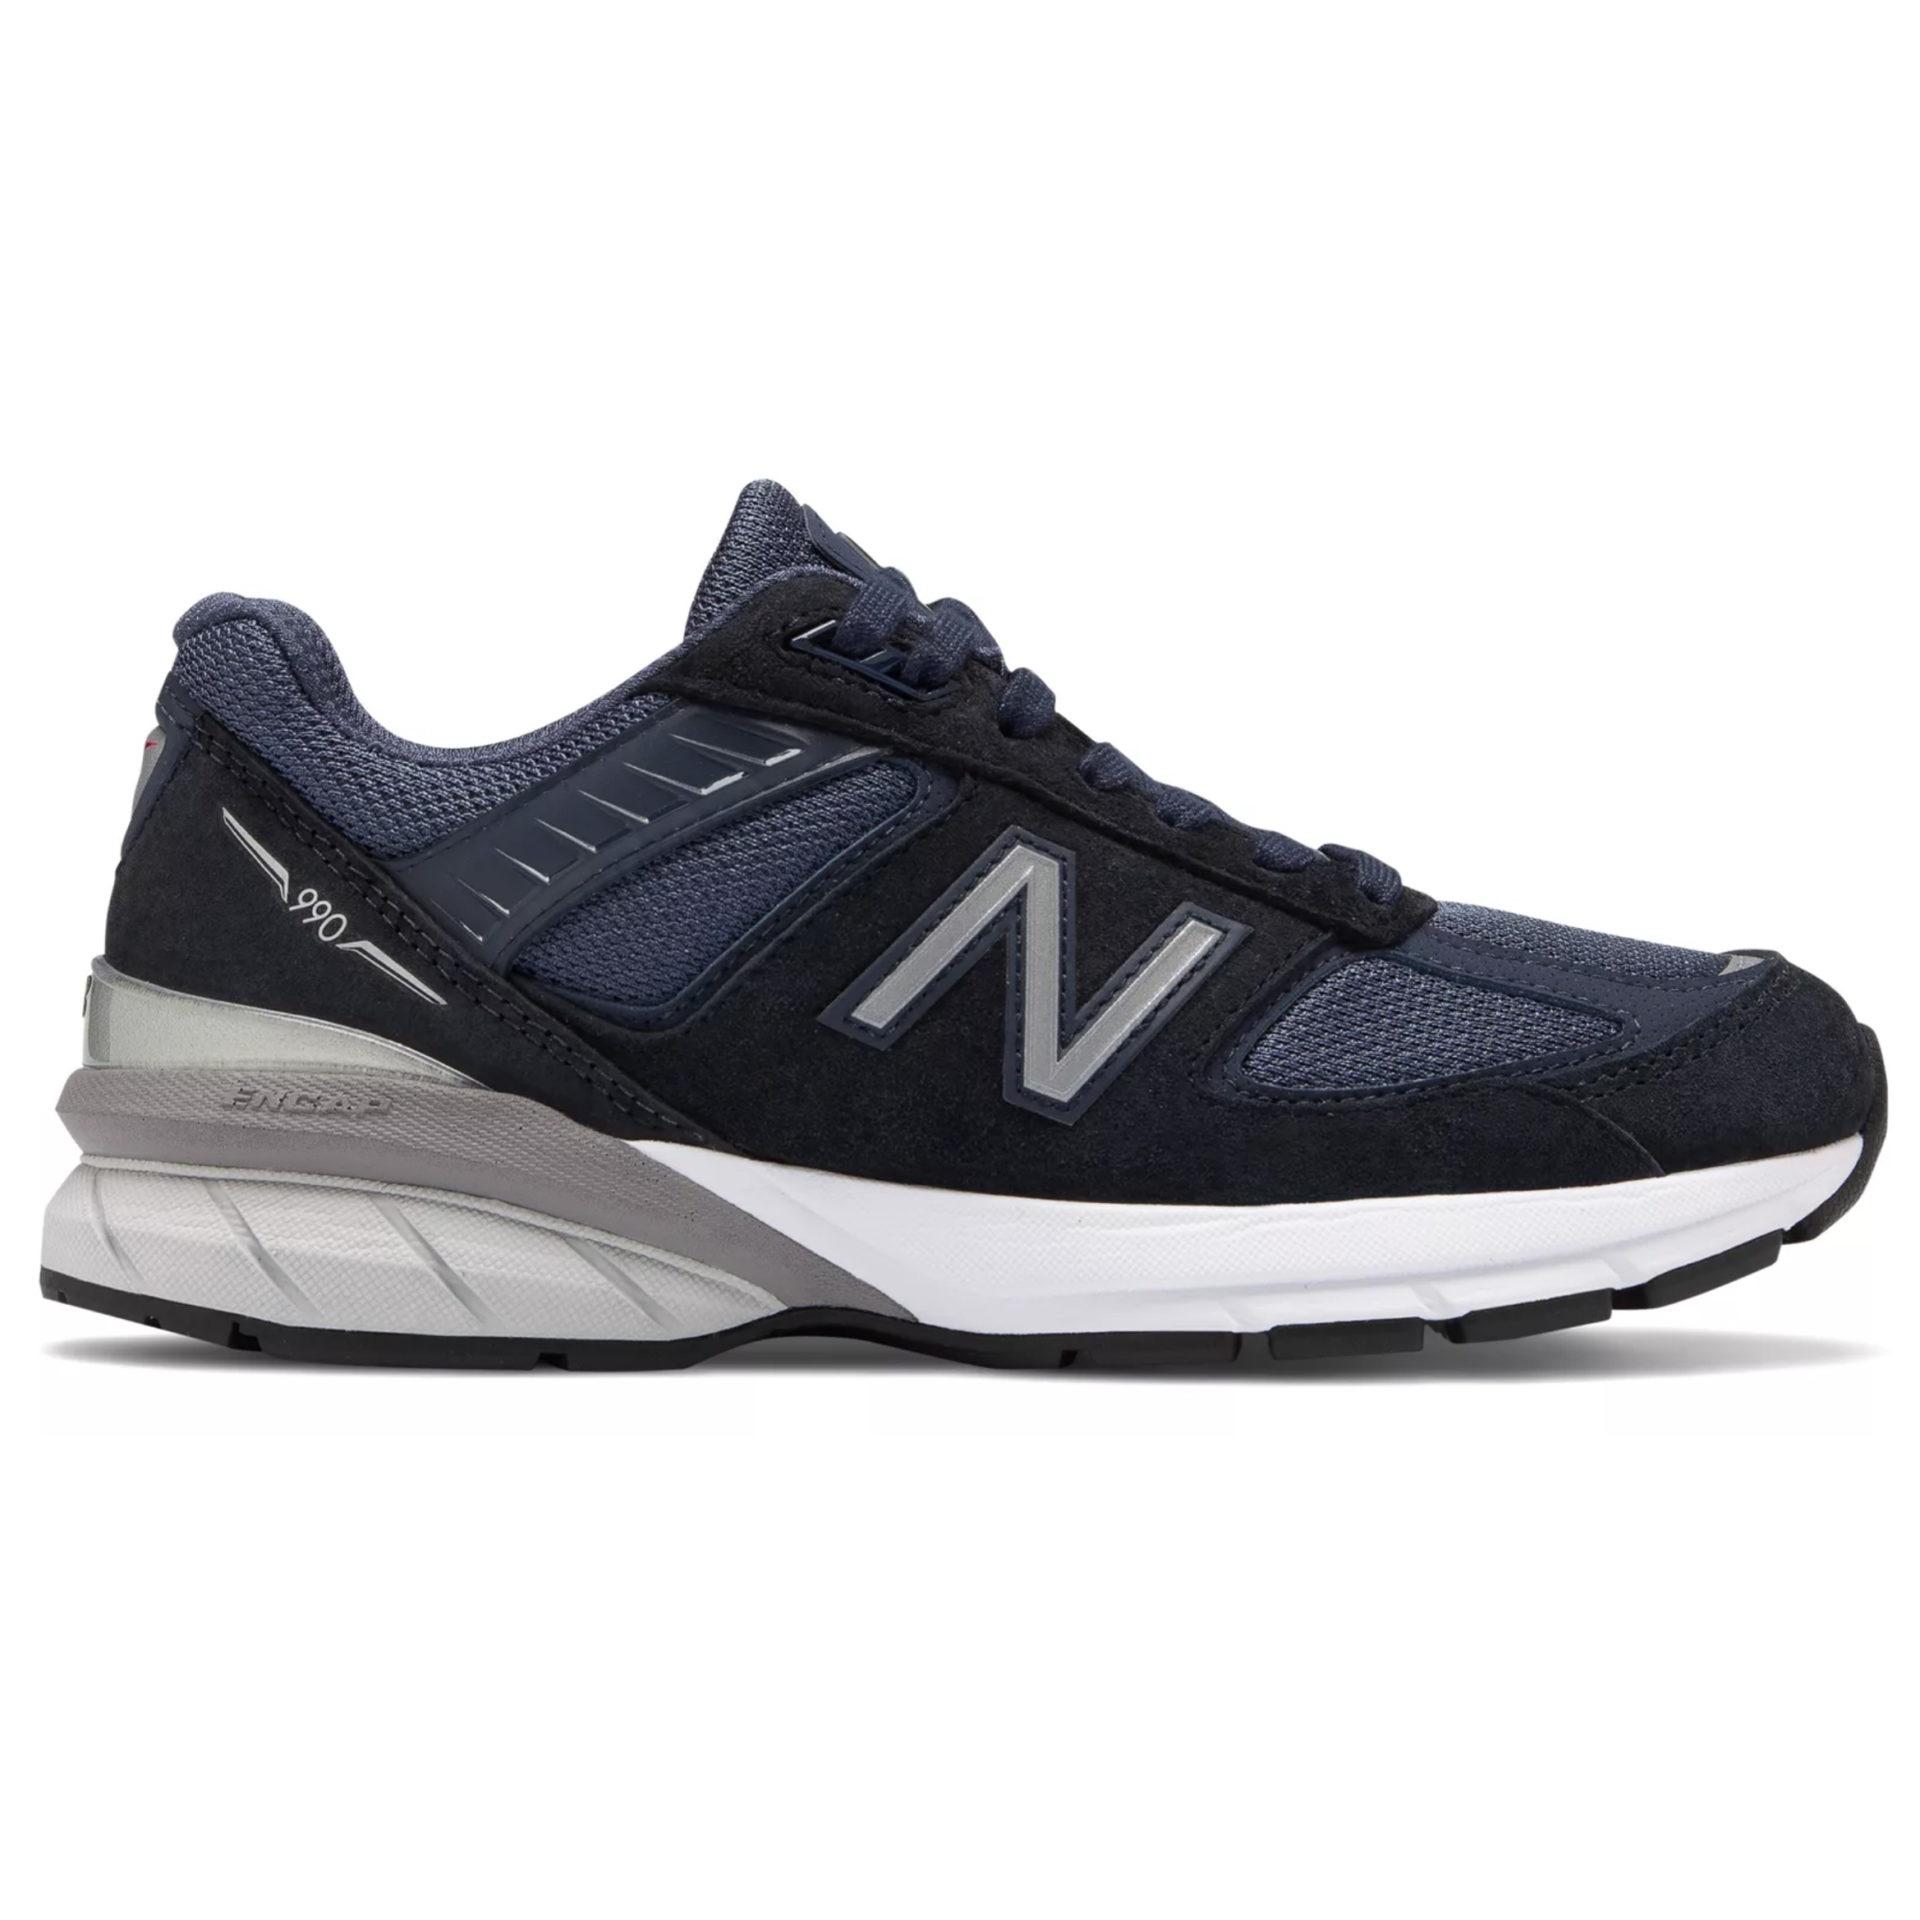 Keen Running Sandals